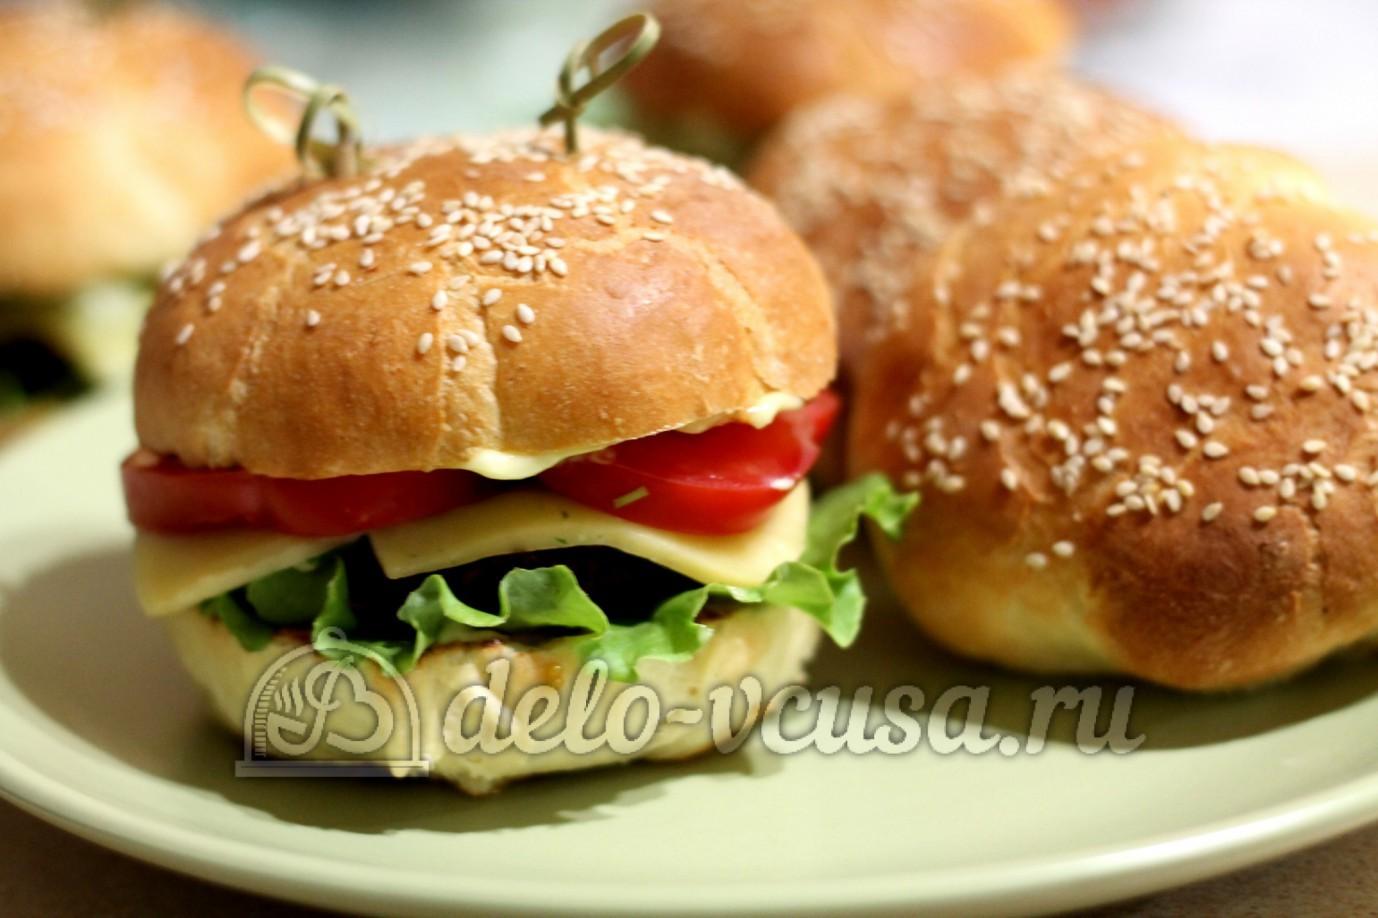 Как приготовить чизбургер в домашних условиях фото